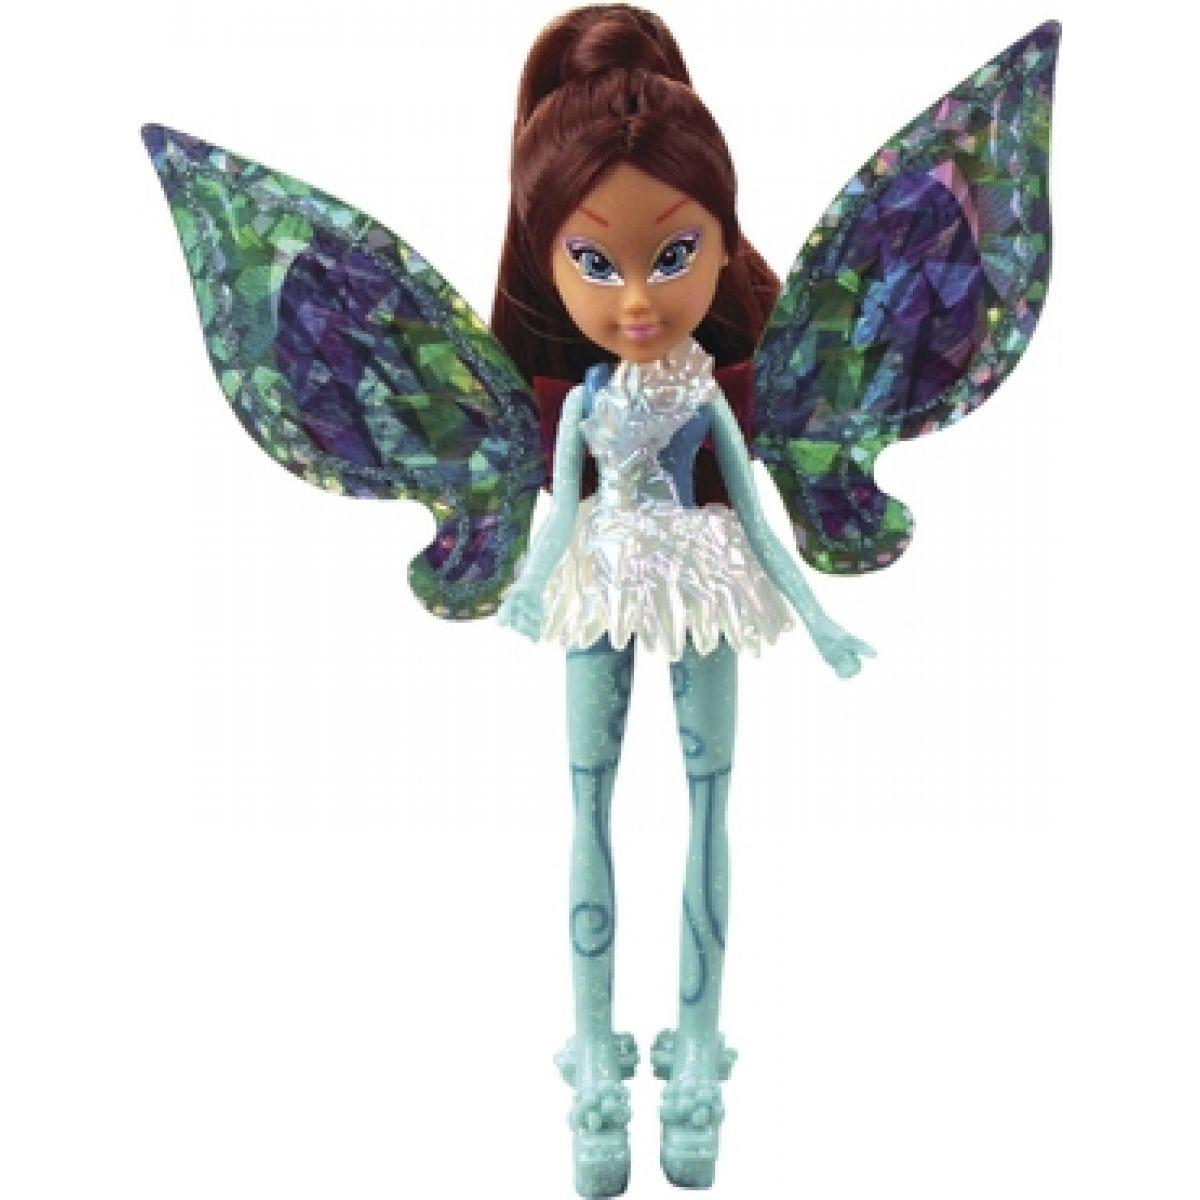 Winx Tynix Mini Dolls Layla